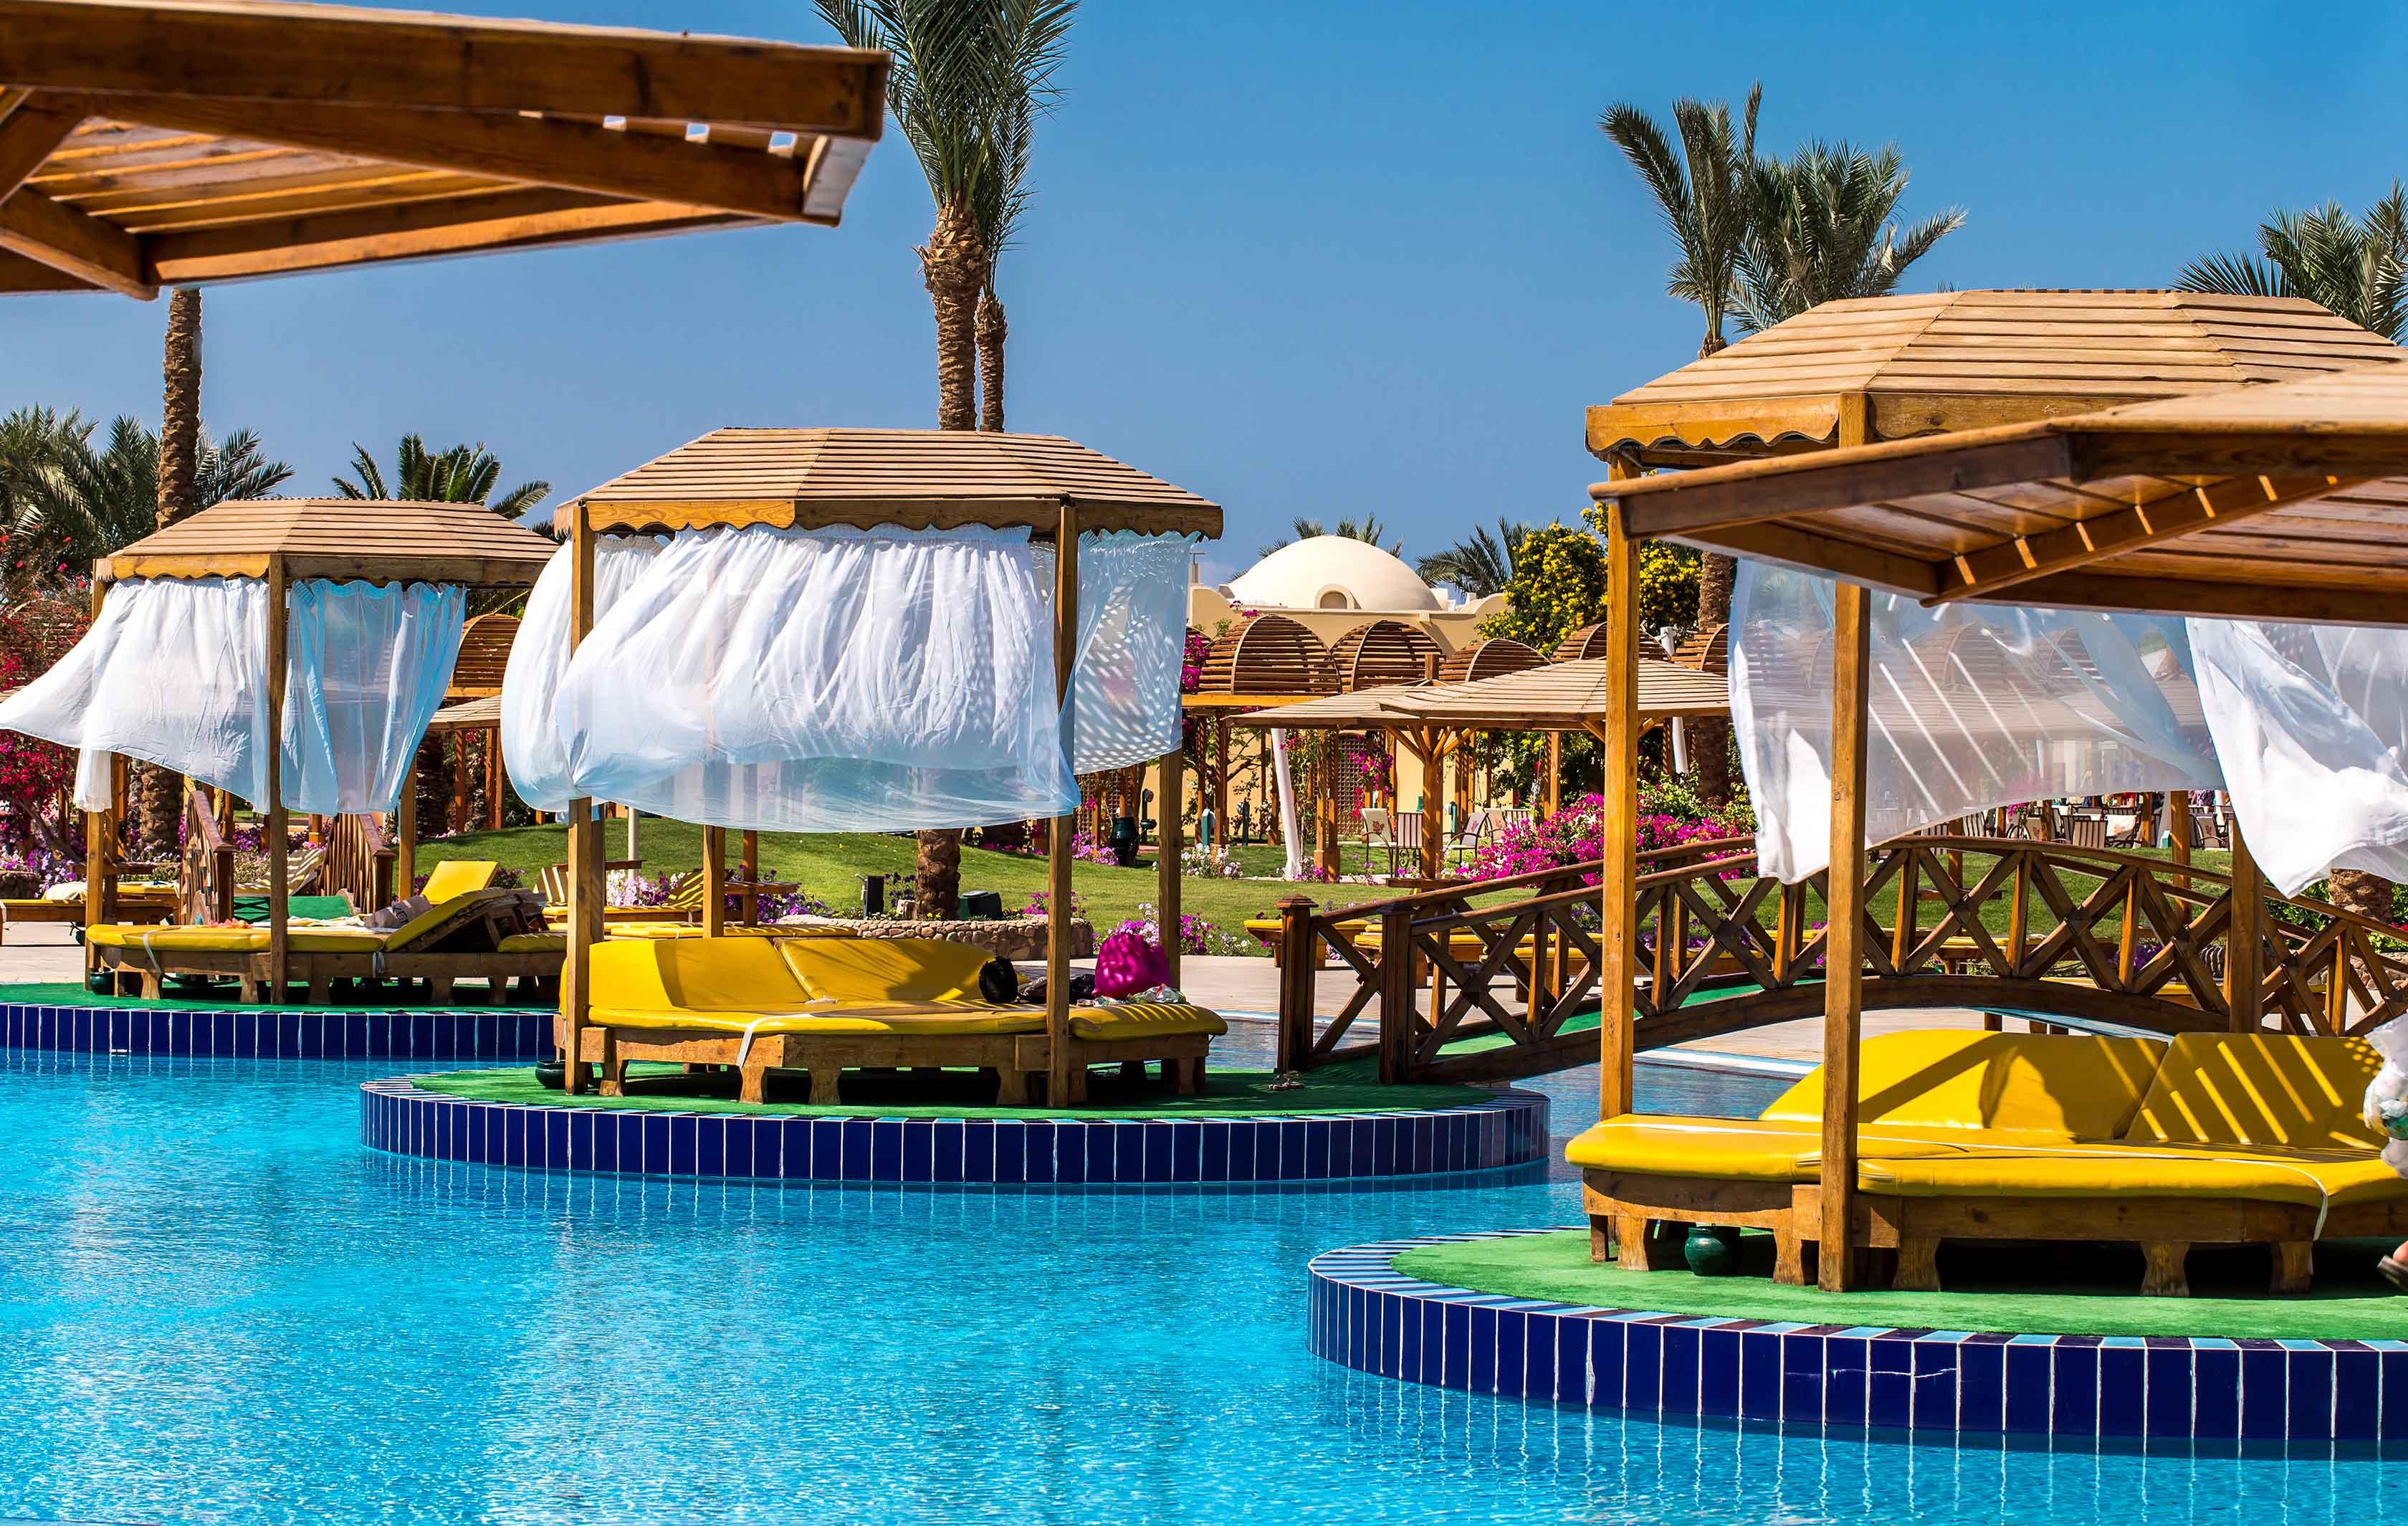 Египет. хургада. отель десерт розе хургада 5 звезд